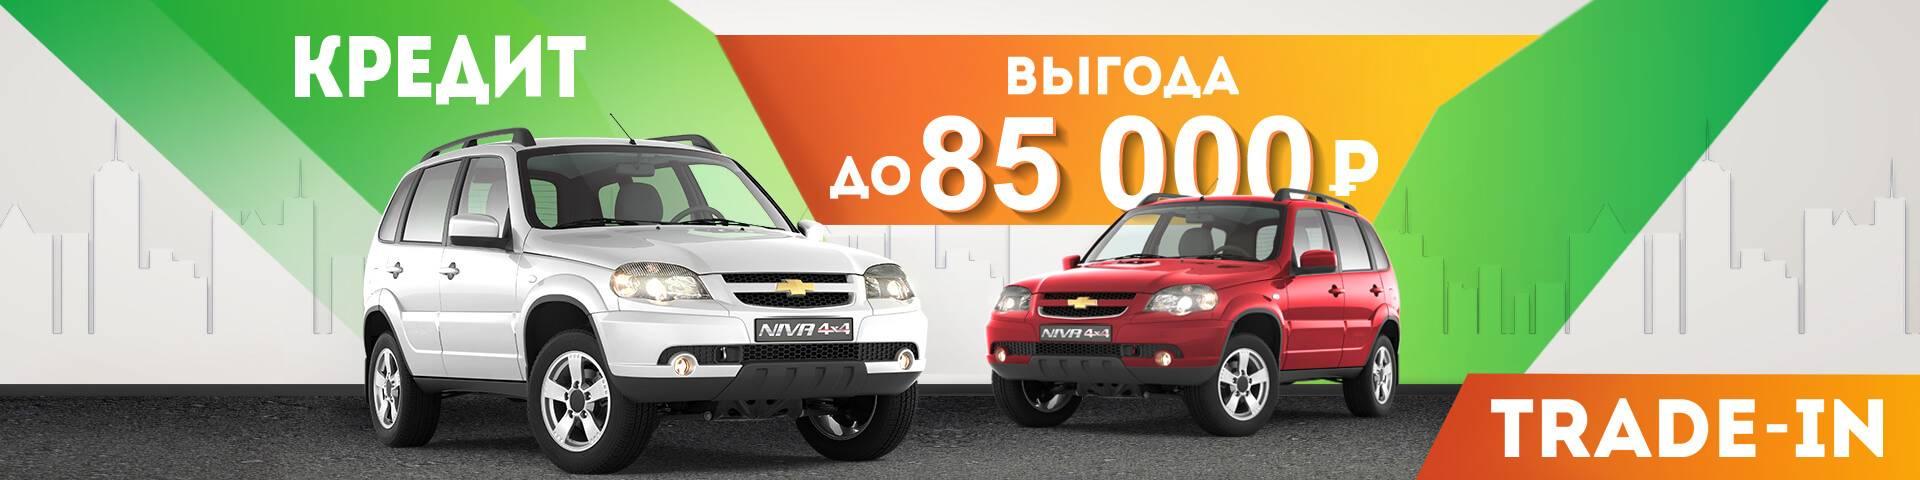 автосалоны шевроле нива в кредит займы на 3 месяца оренбург